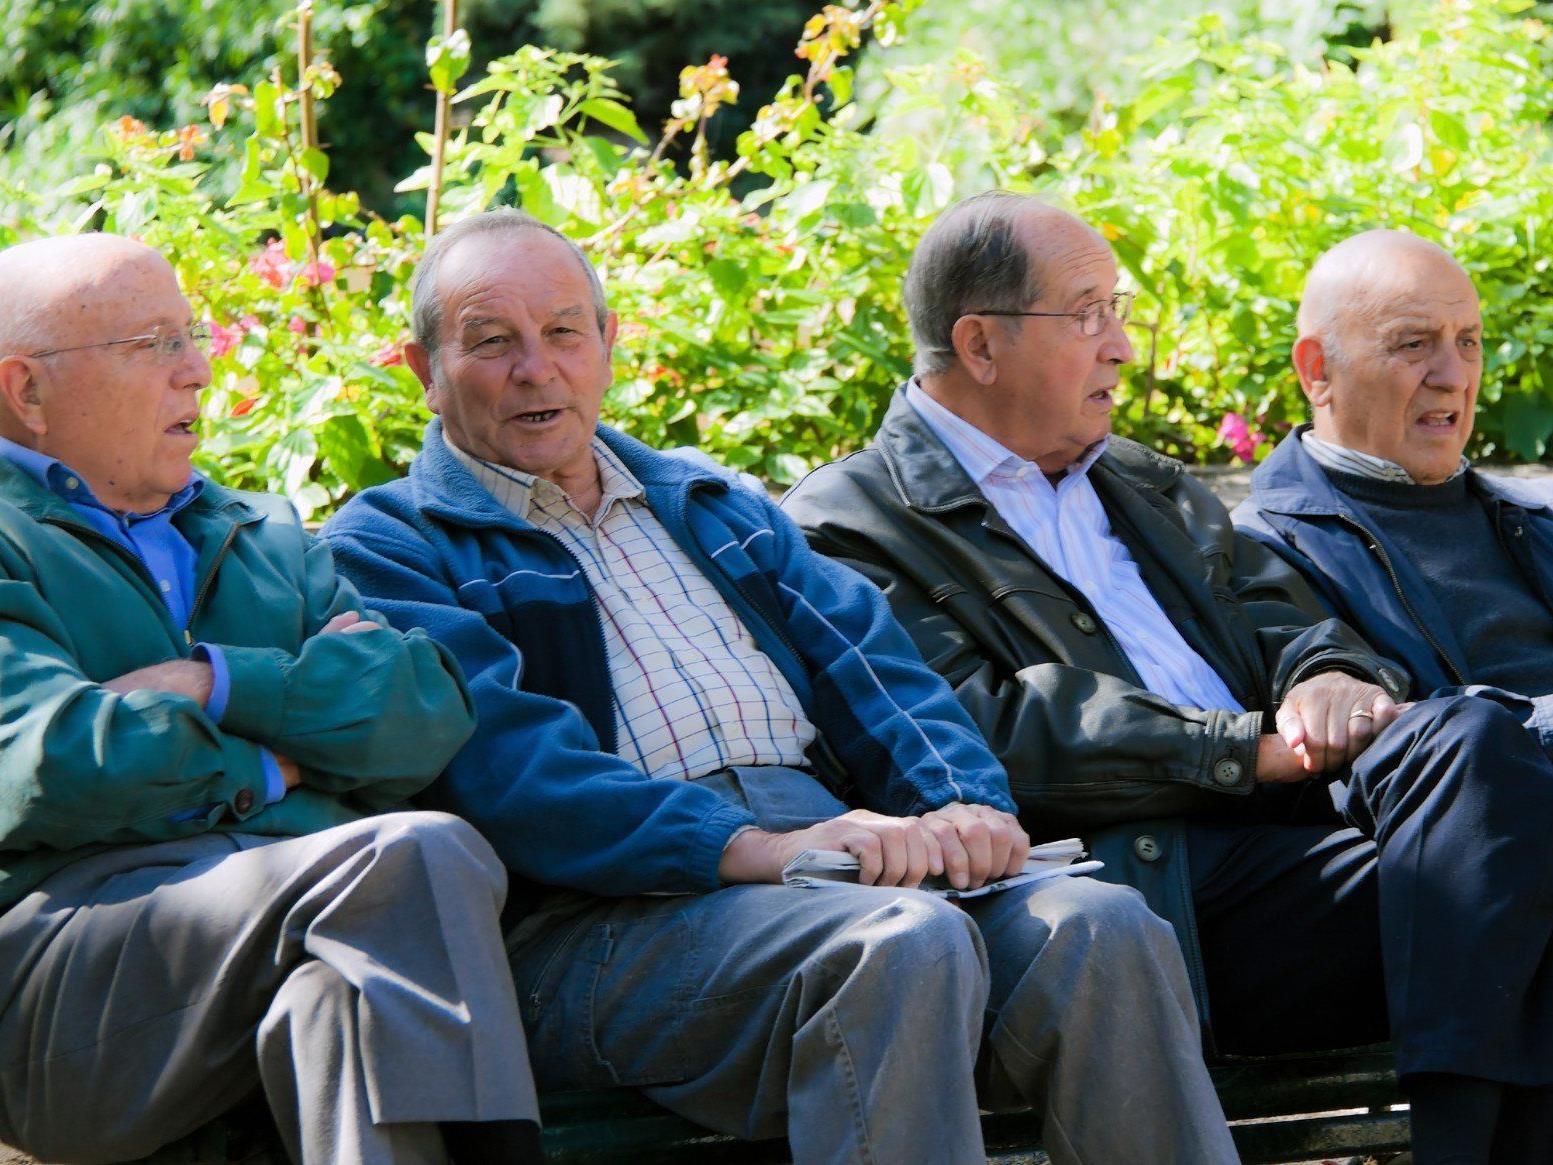 Während die Lebenserwartung steigt, bleibt das Pensionsantrittsalter gleich.